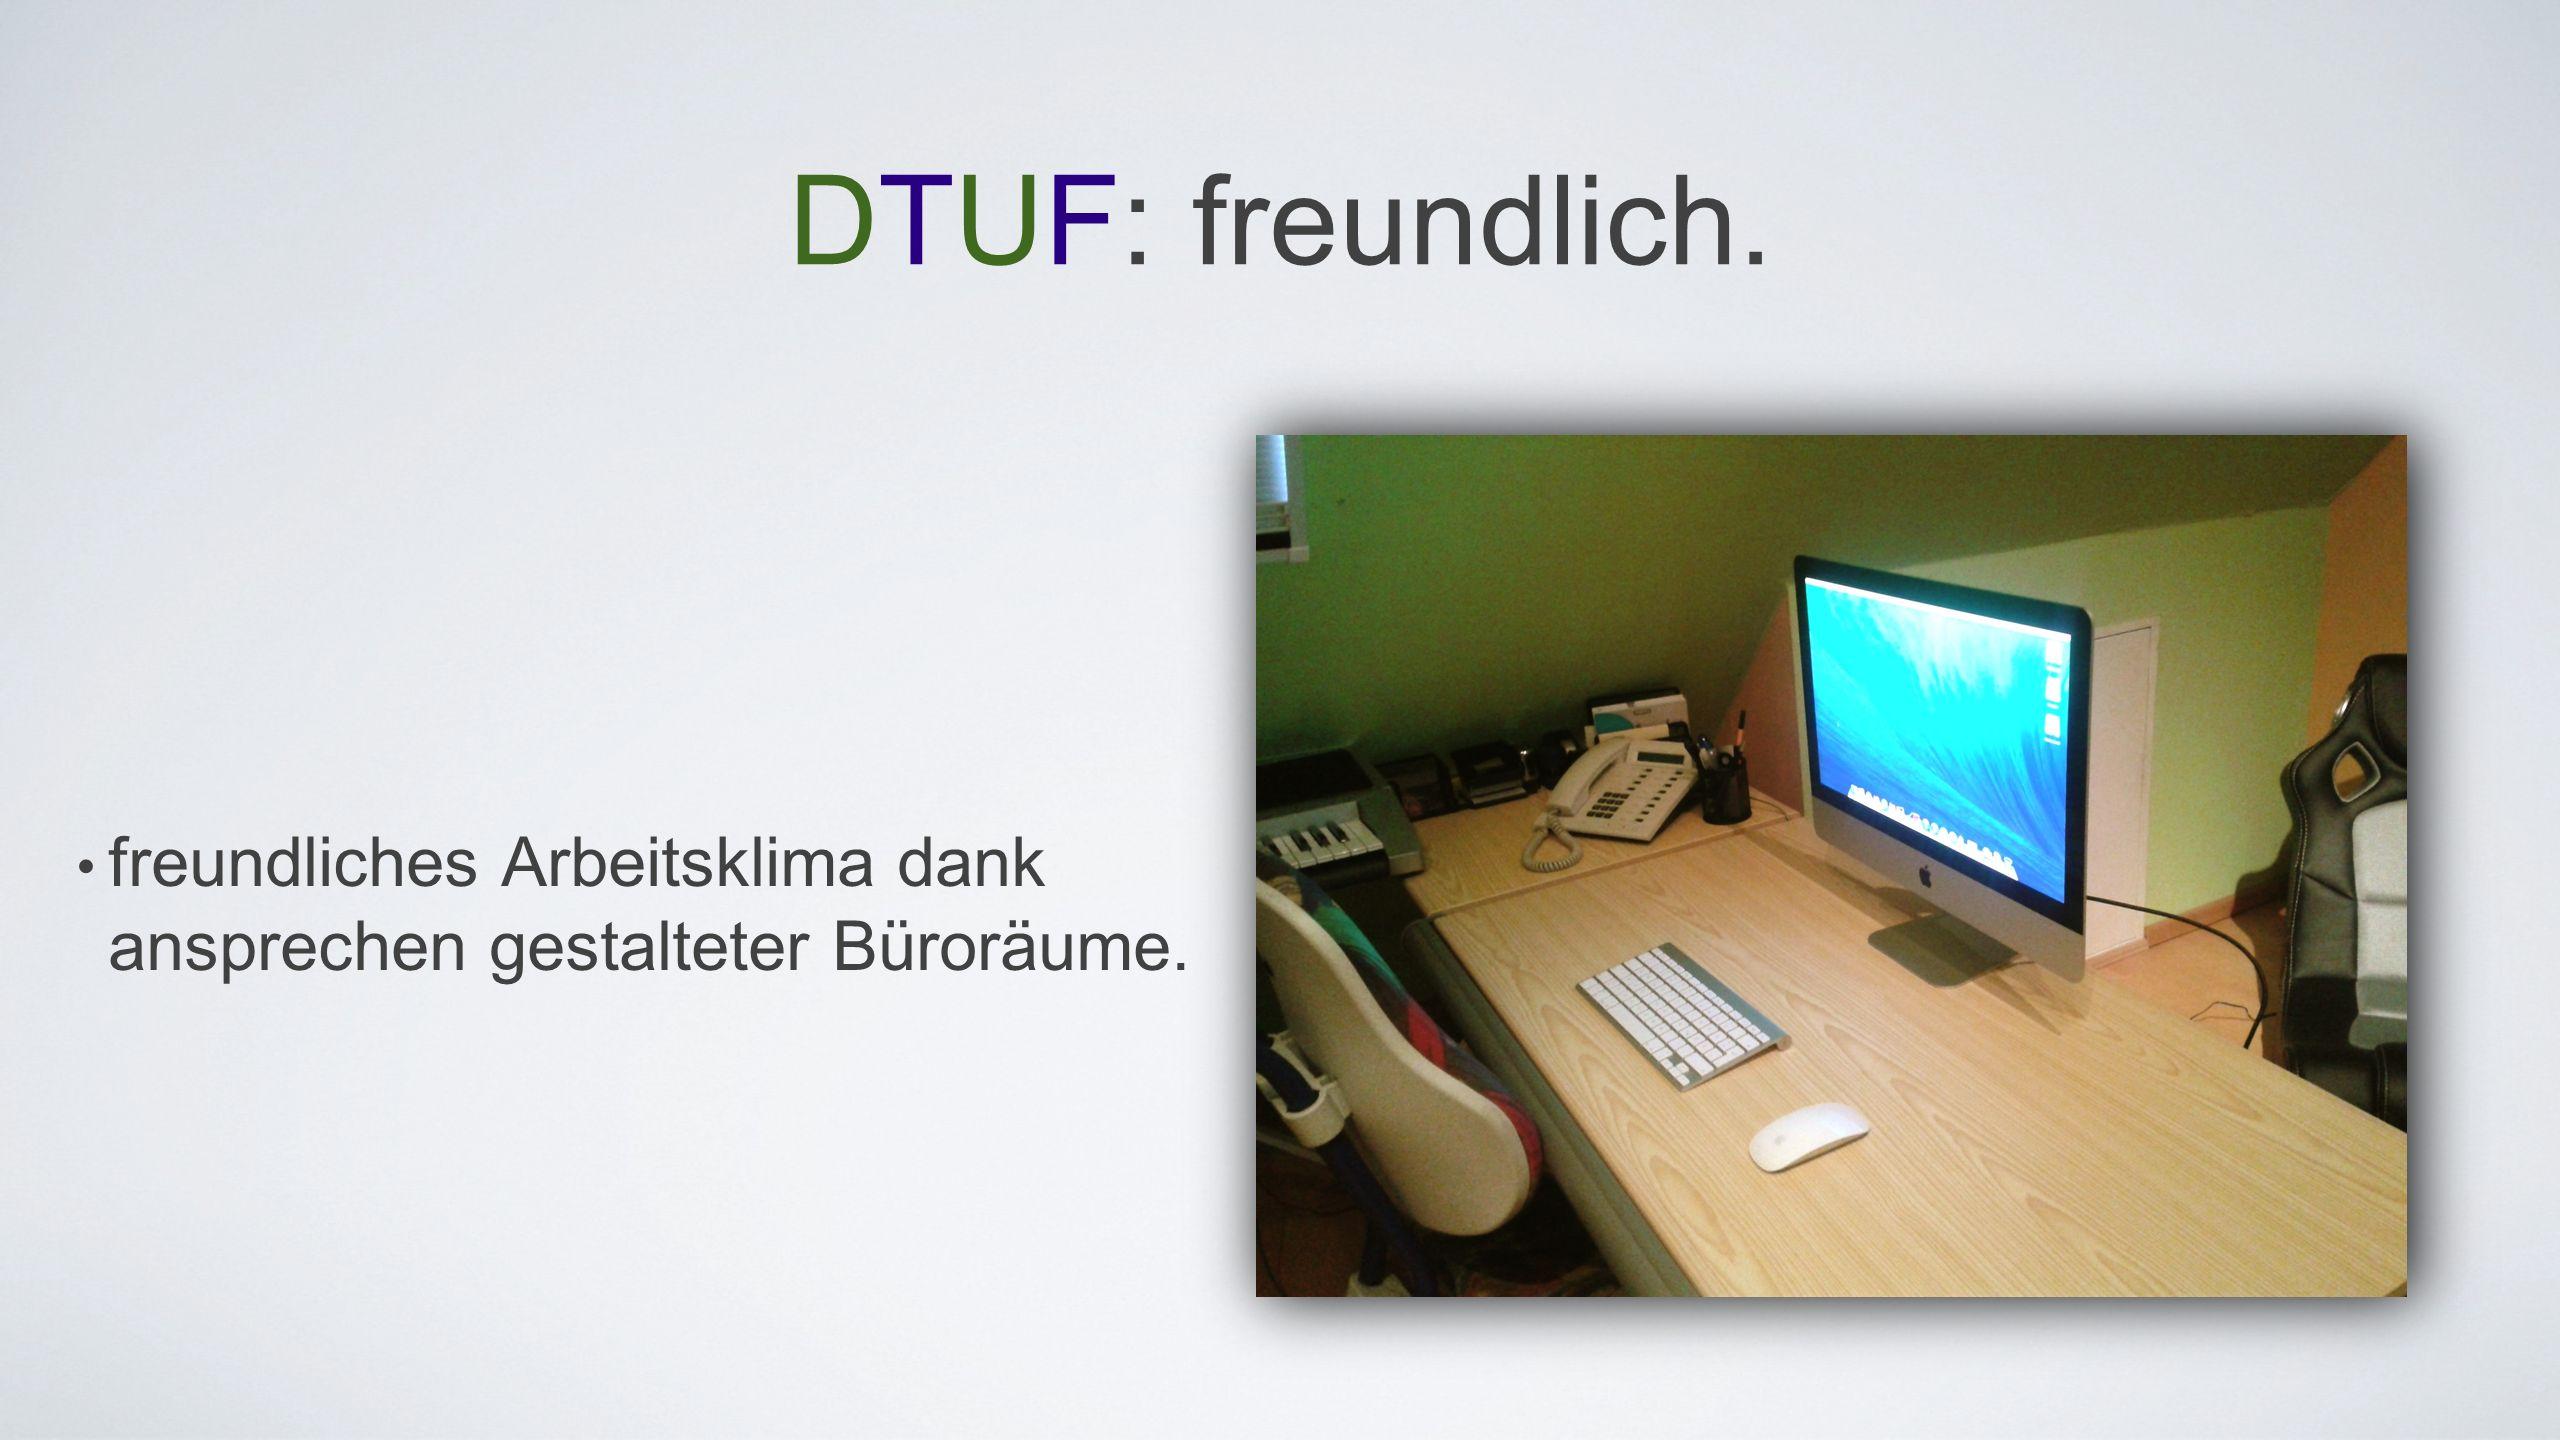 DTUF: freundlich. freundliches Arbeitsklima dank ansprechen gestalteter Büroräume.